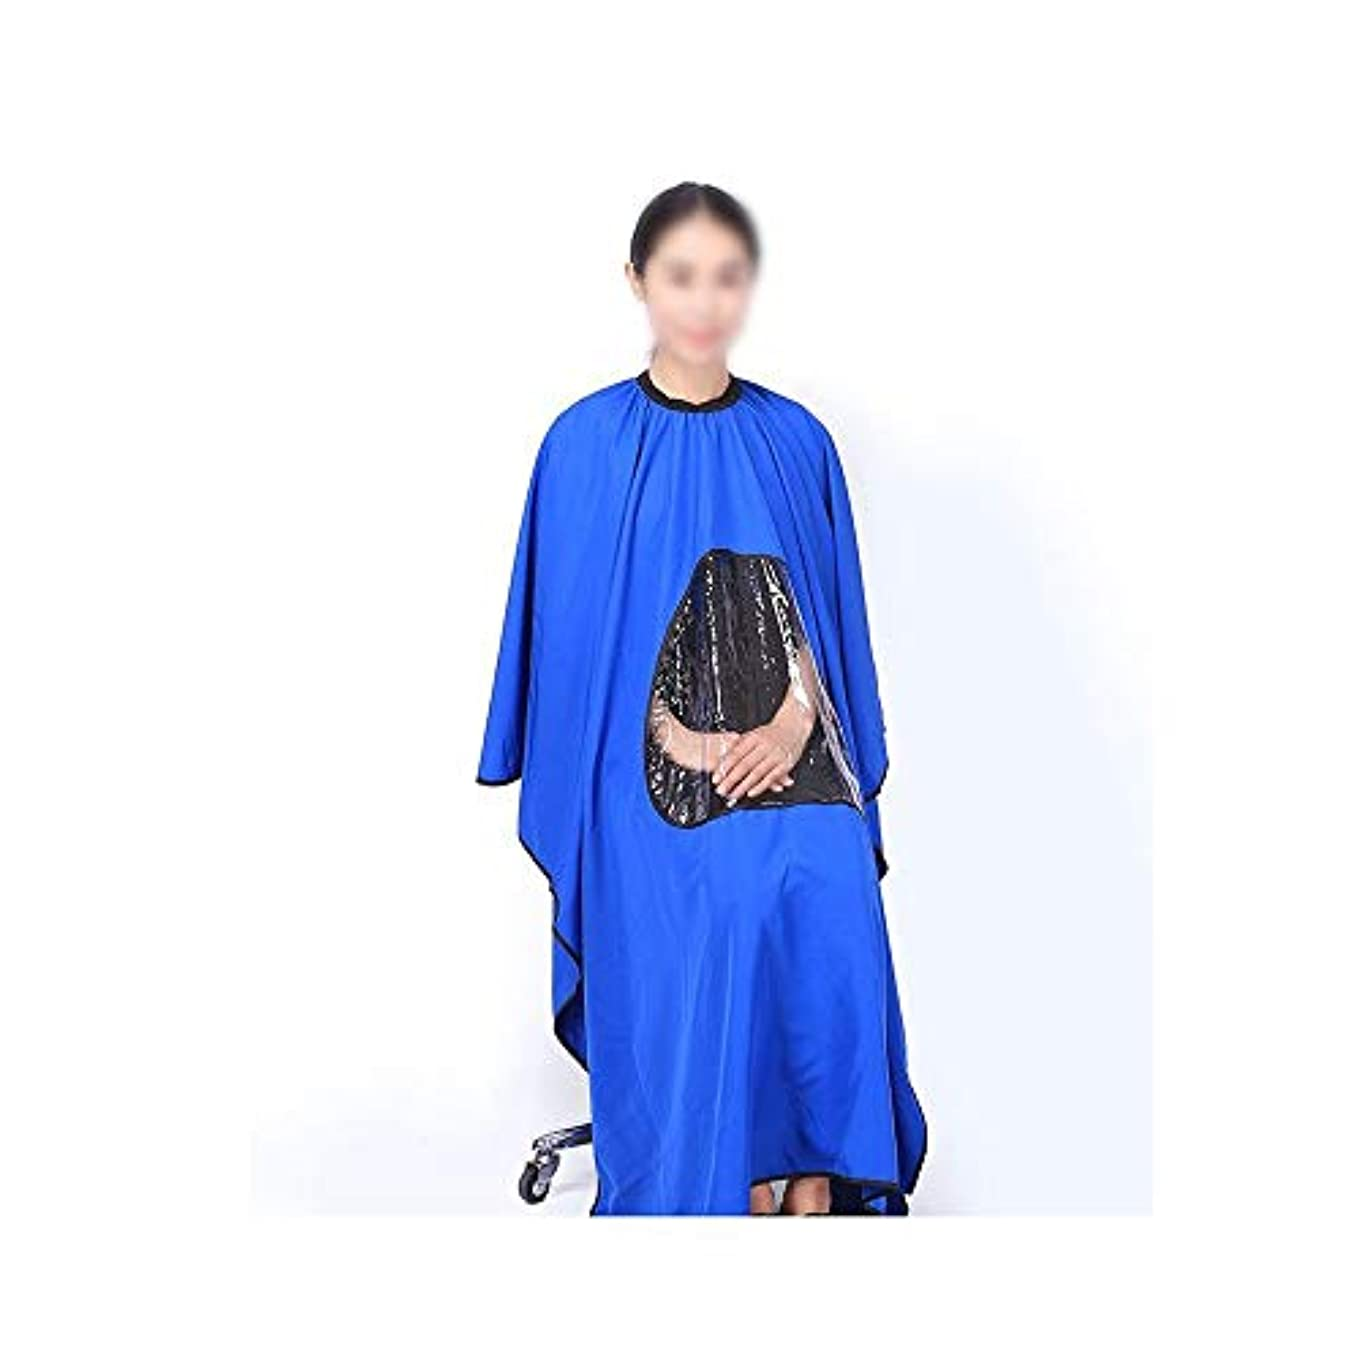 スーツに対処する欠員黒い理髪ケープ布全身サロン髪カットガウン ヘアケア (色 : 青)